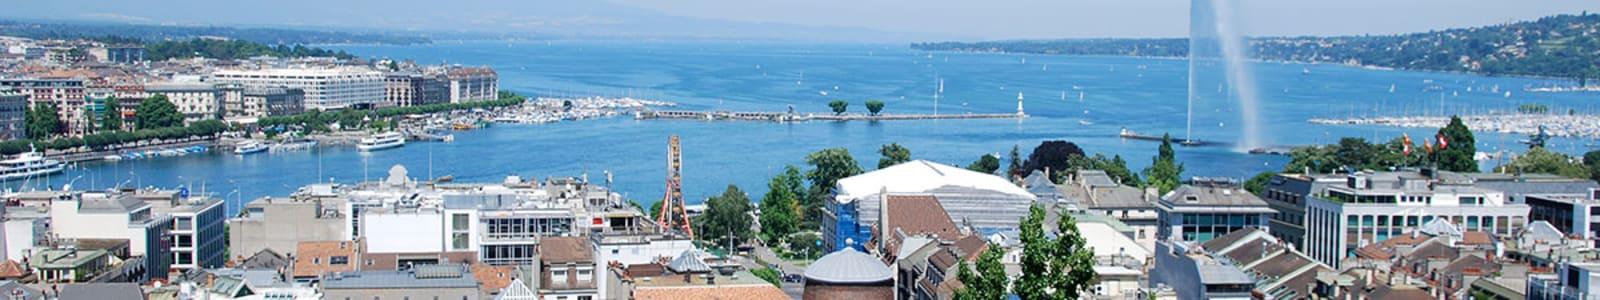 Geneva city view